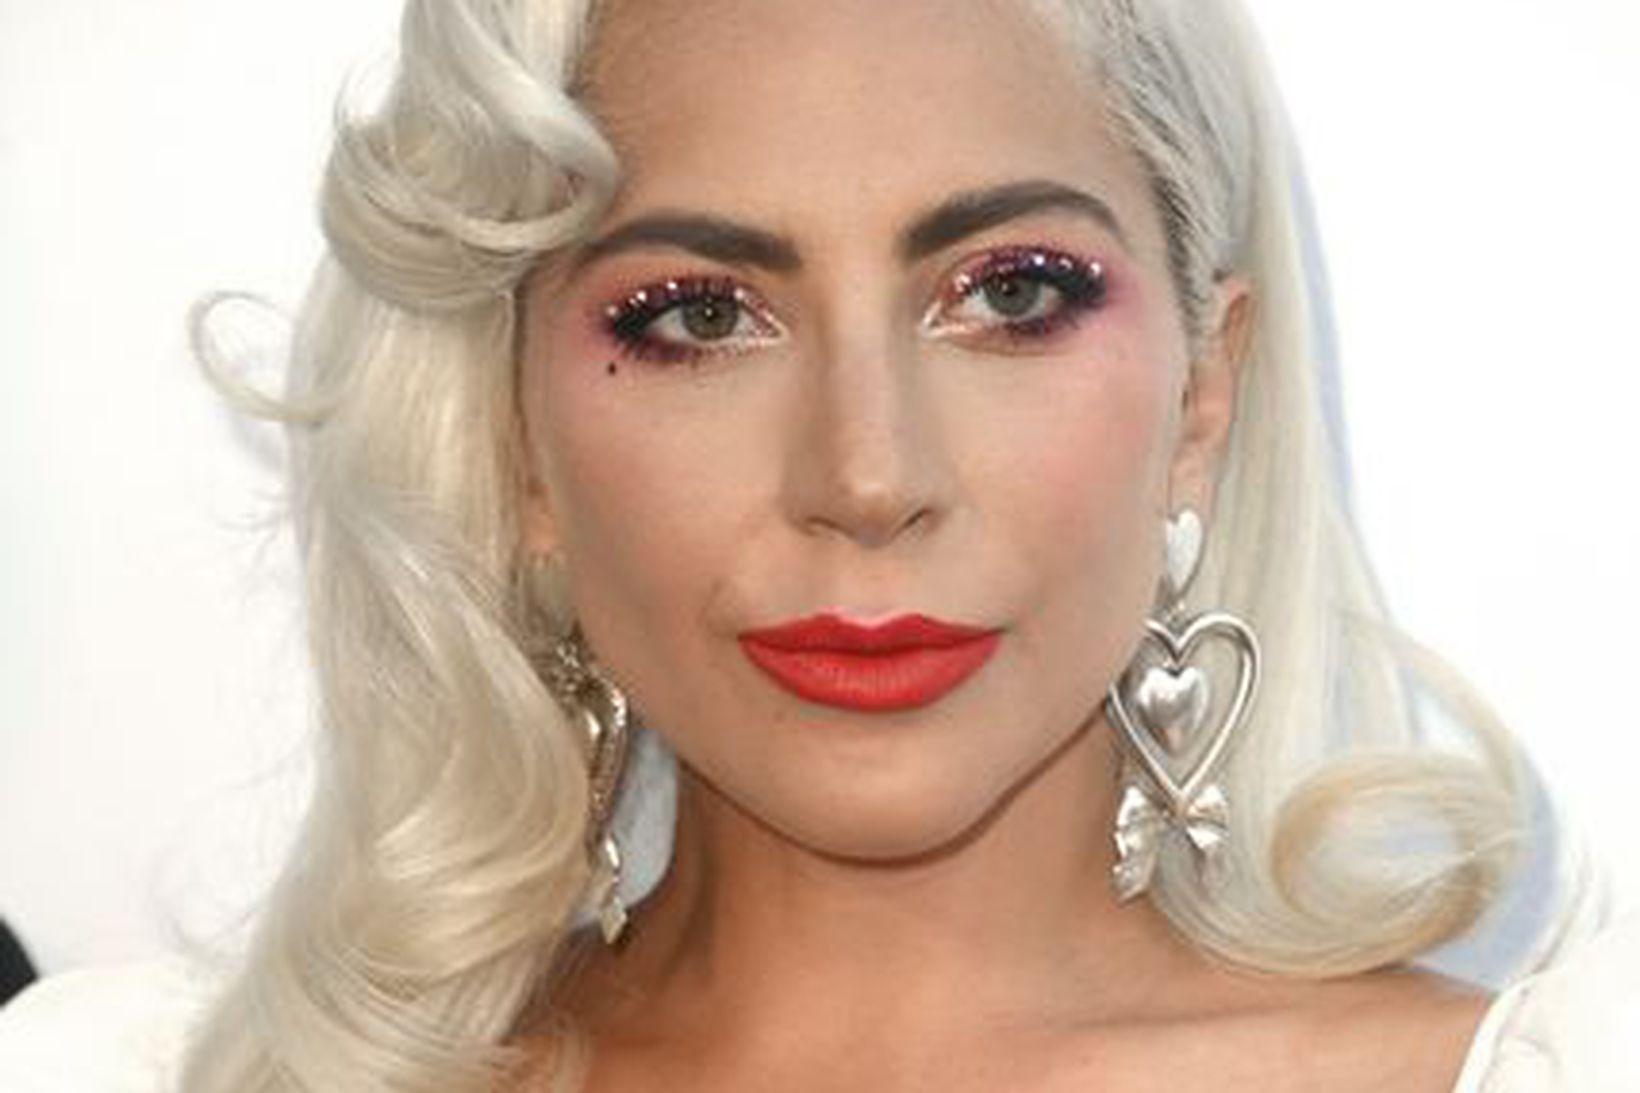 Lady Gaga flaug fram af sviðinu í örmum aðdáanda.